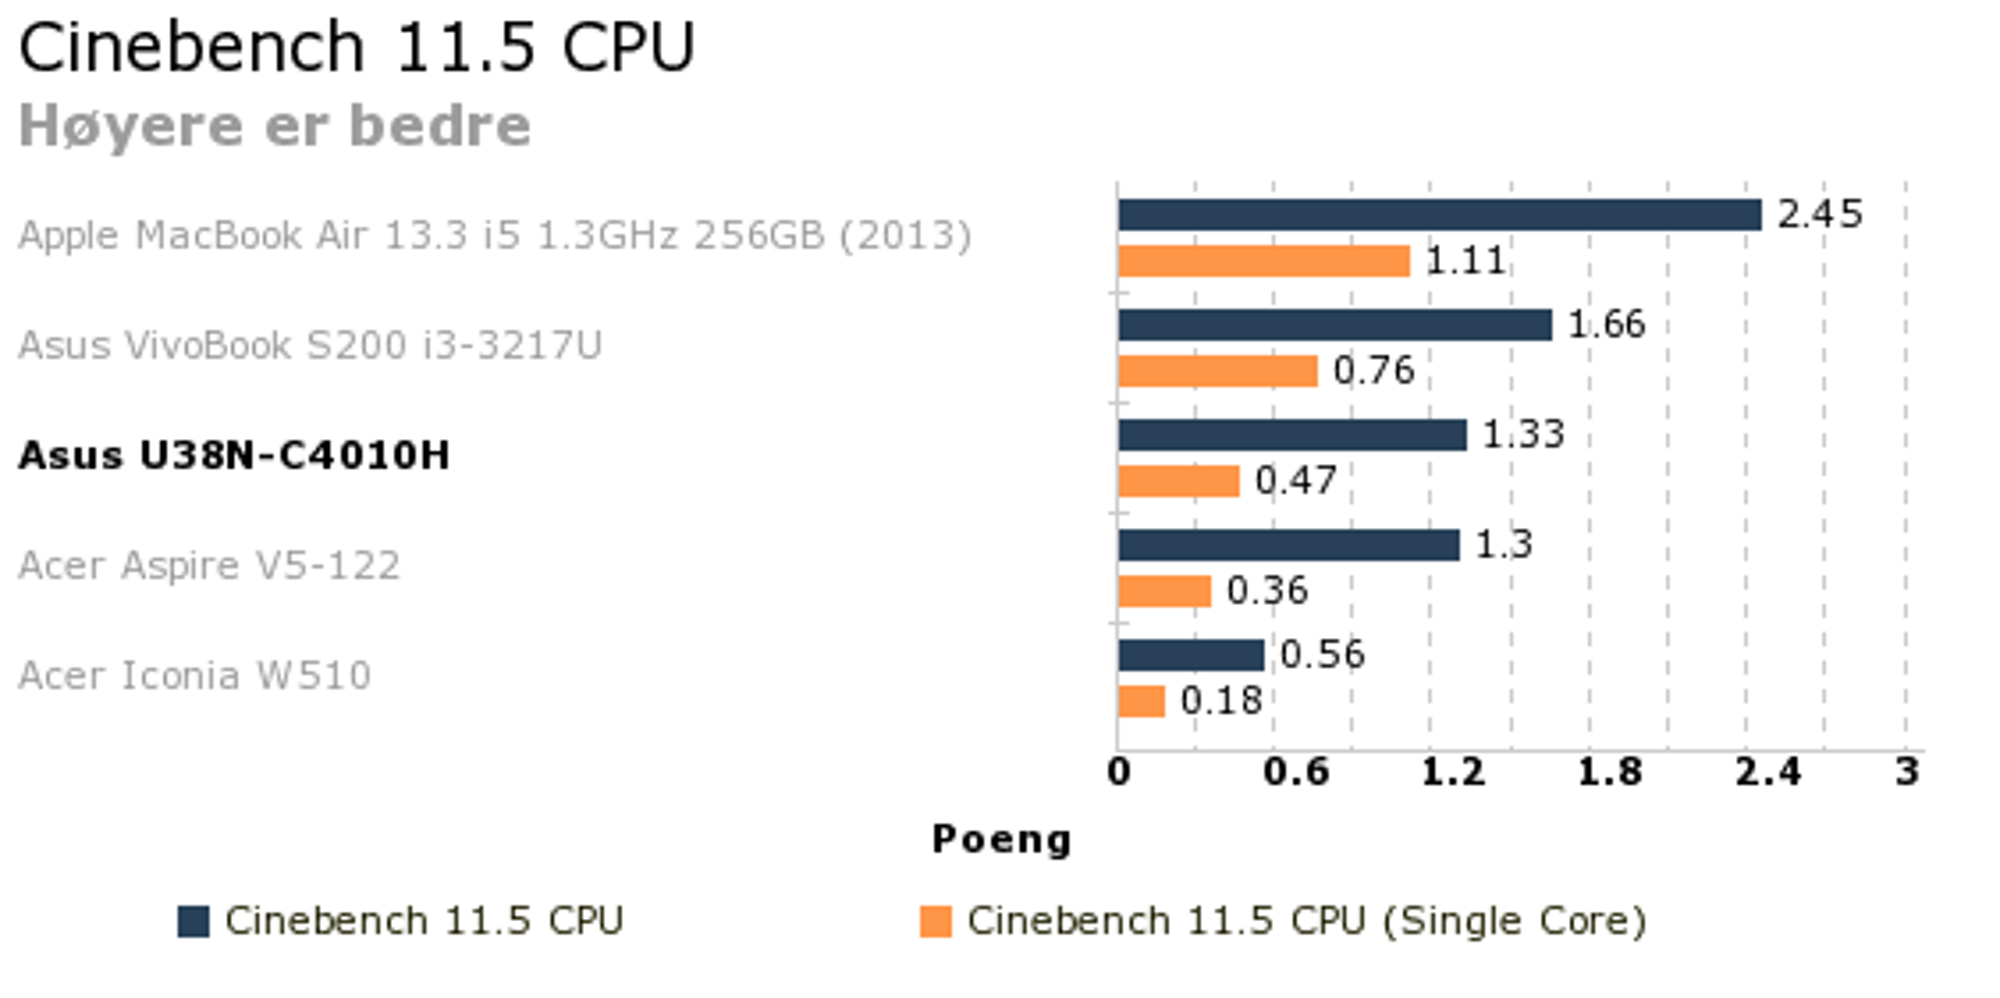 0896a375 oppbygging av kunstgressbaner I Cinebench 11.5 brukes ren prosessorkraft  til å rendre et bilde – først med en prosessorkjerne (og en prosesstråd),  ...